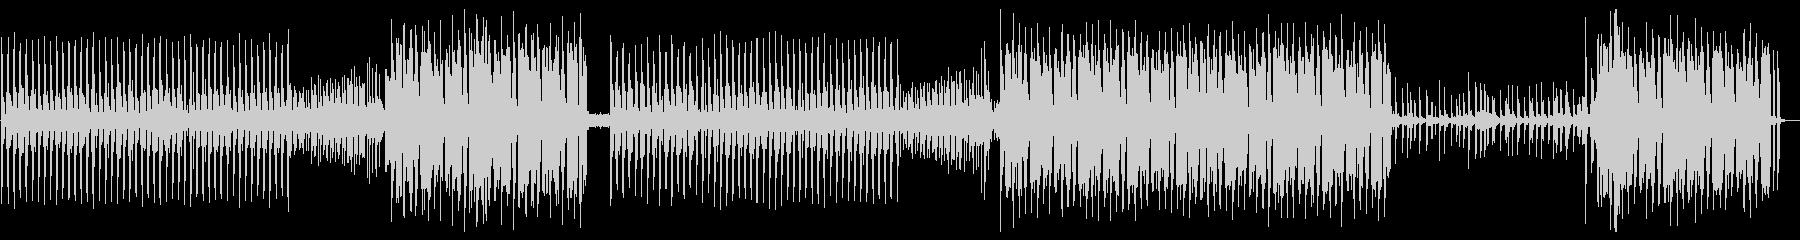 アッパーなK-POP風ダンスチューン の未再生の波形